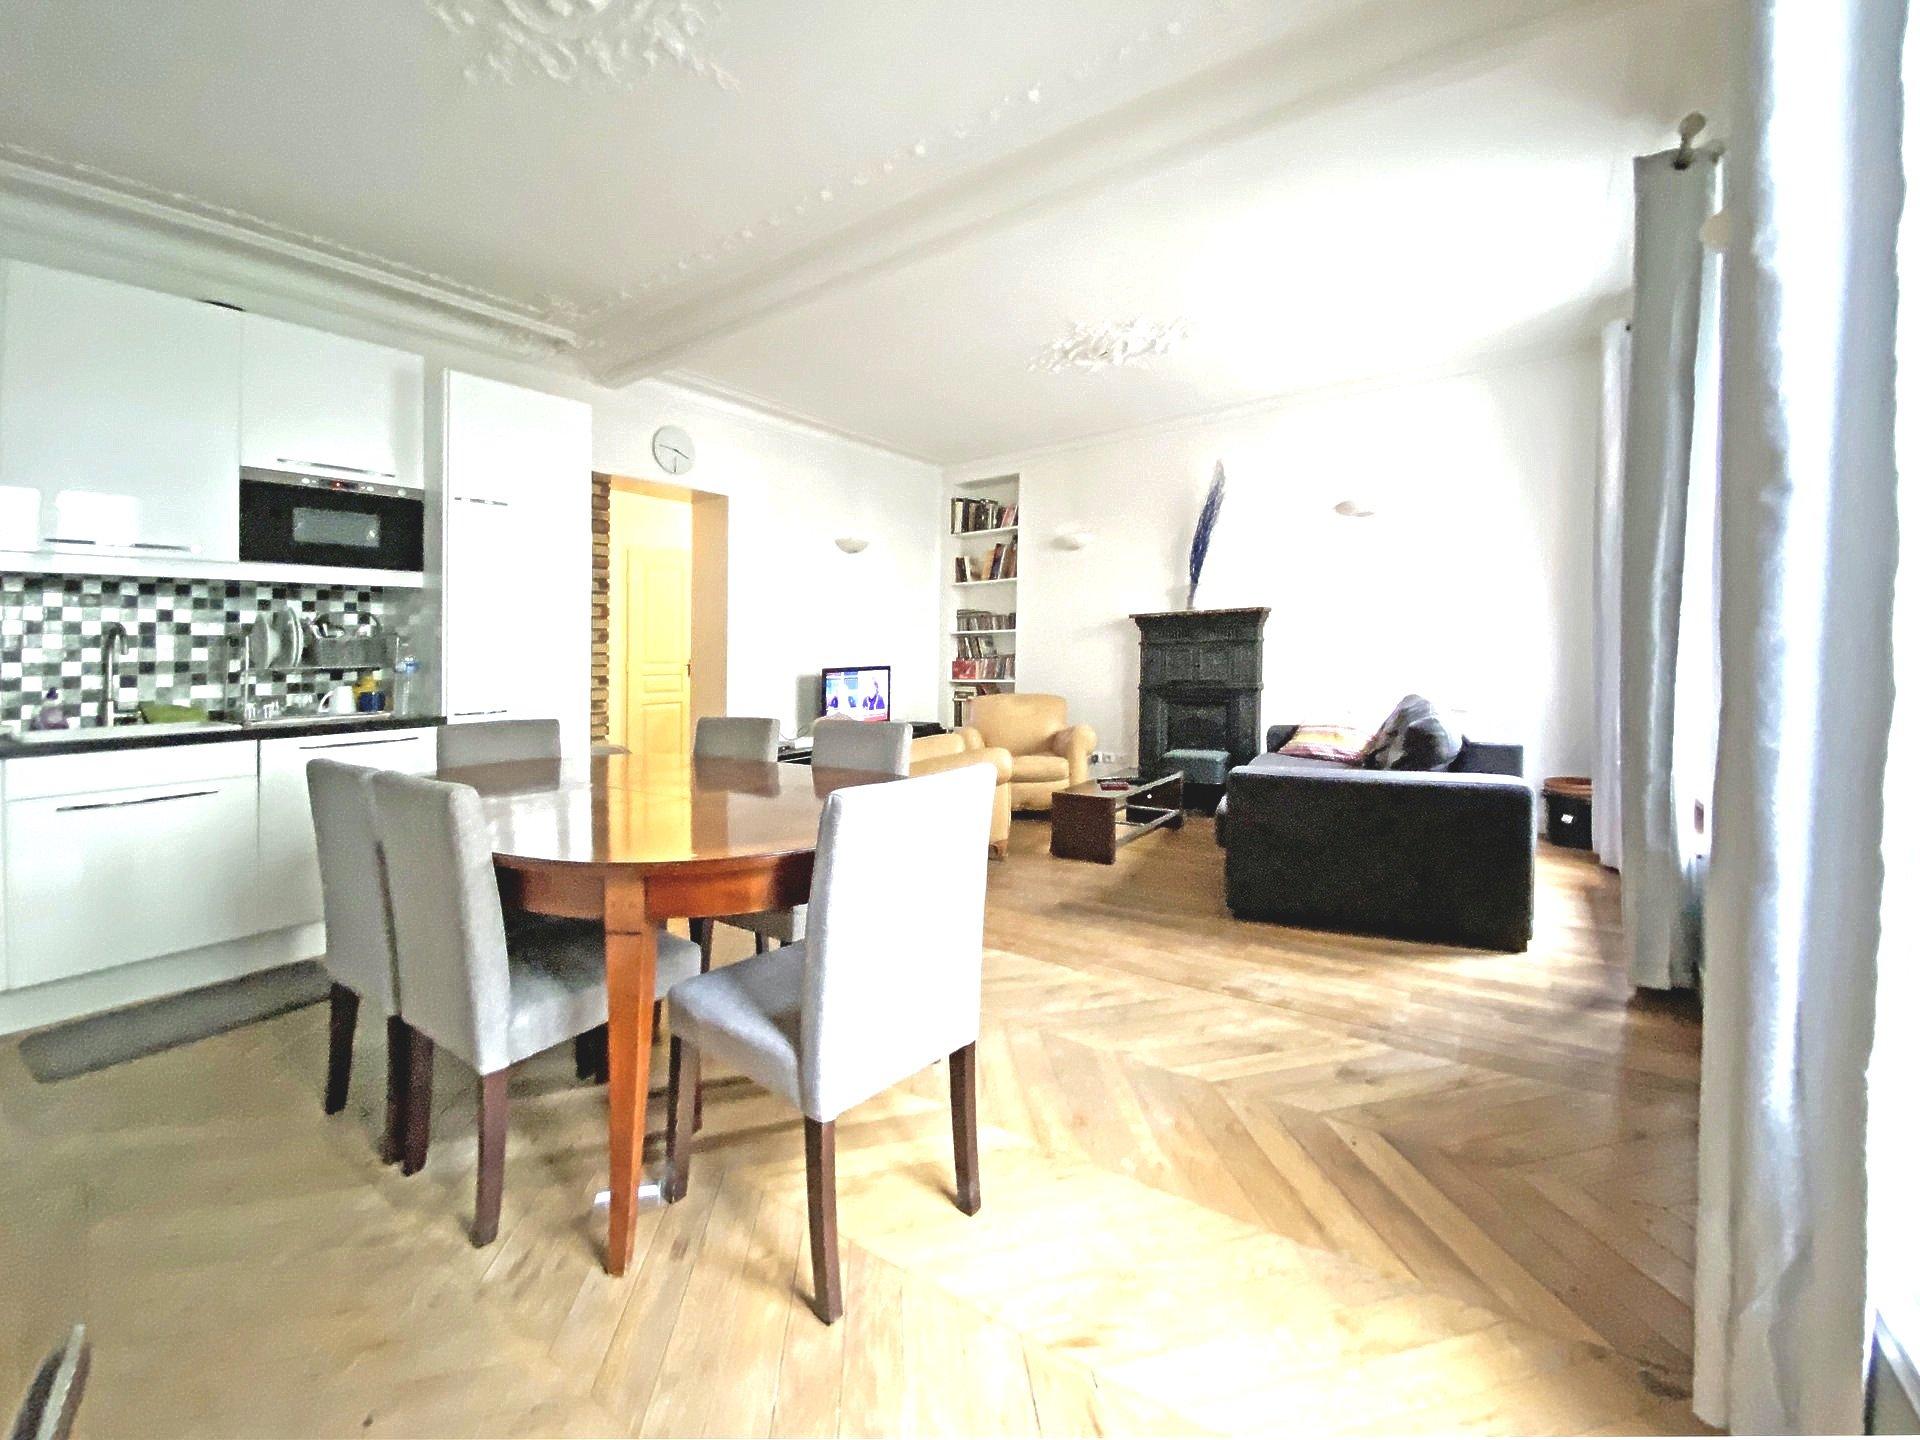 Appartement 2 chambres refait à neuf